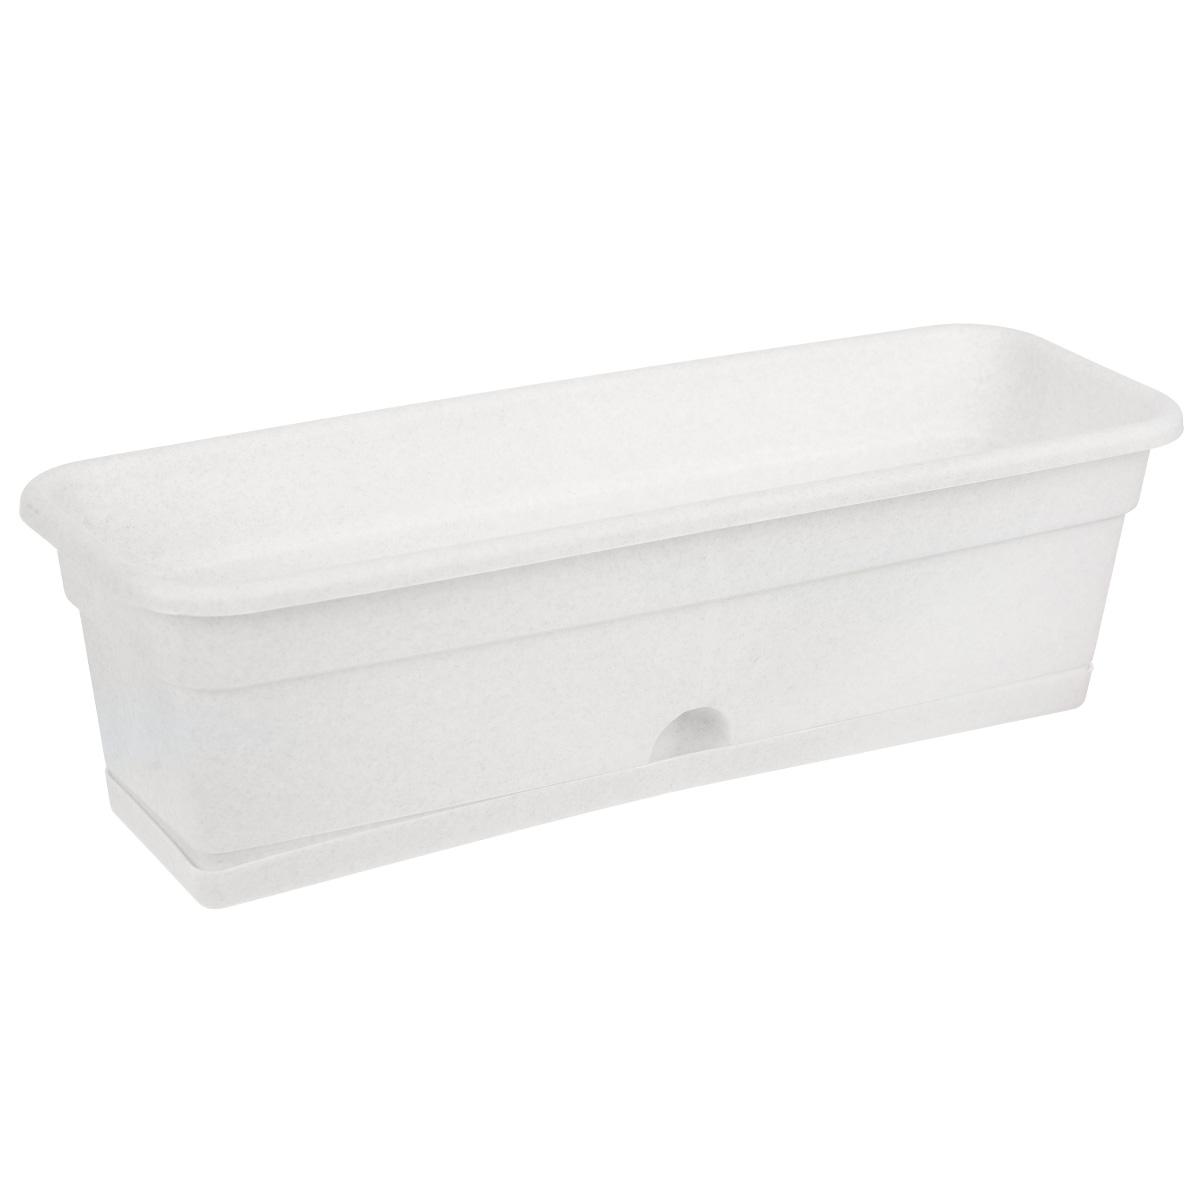 Балконный ящик Darel Plastic, с поддоном, цвет: мраморный, 60 см х 20 см х 17 см ящик балконный santino 60 х 19 х 15 см